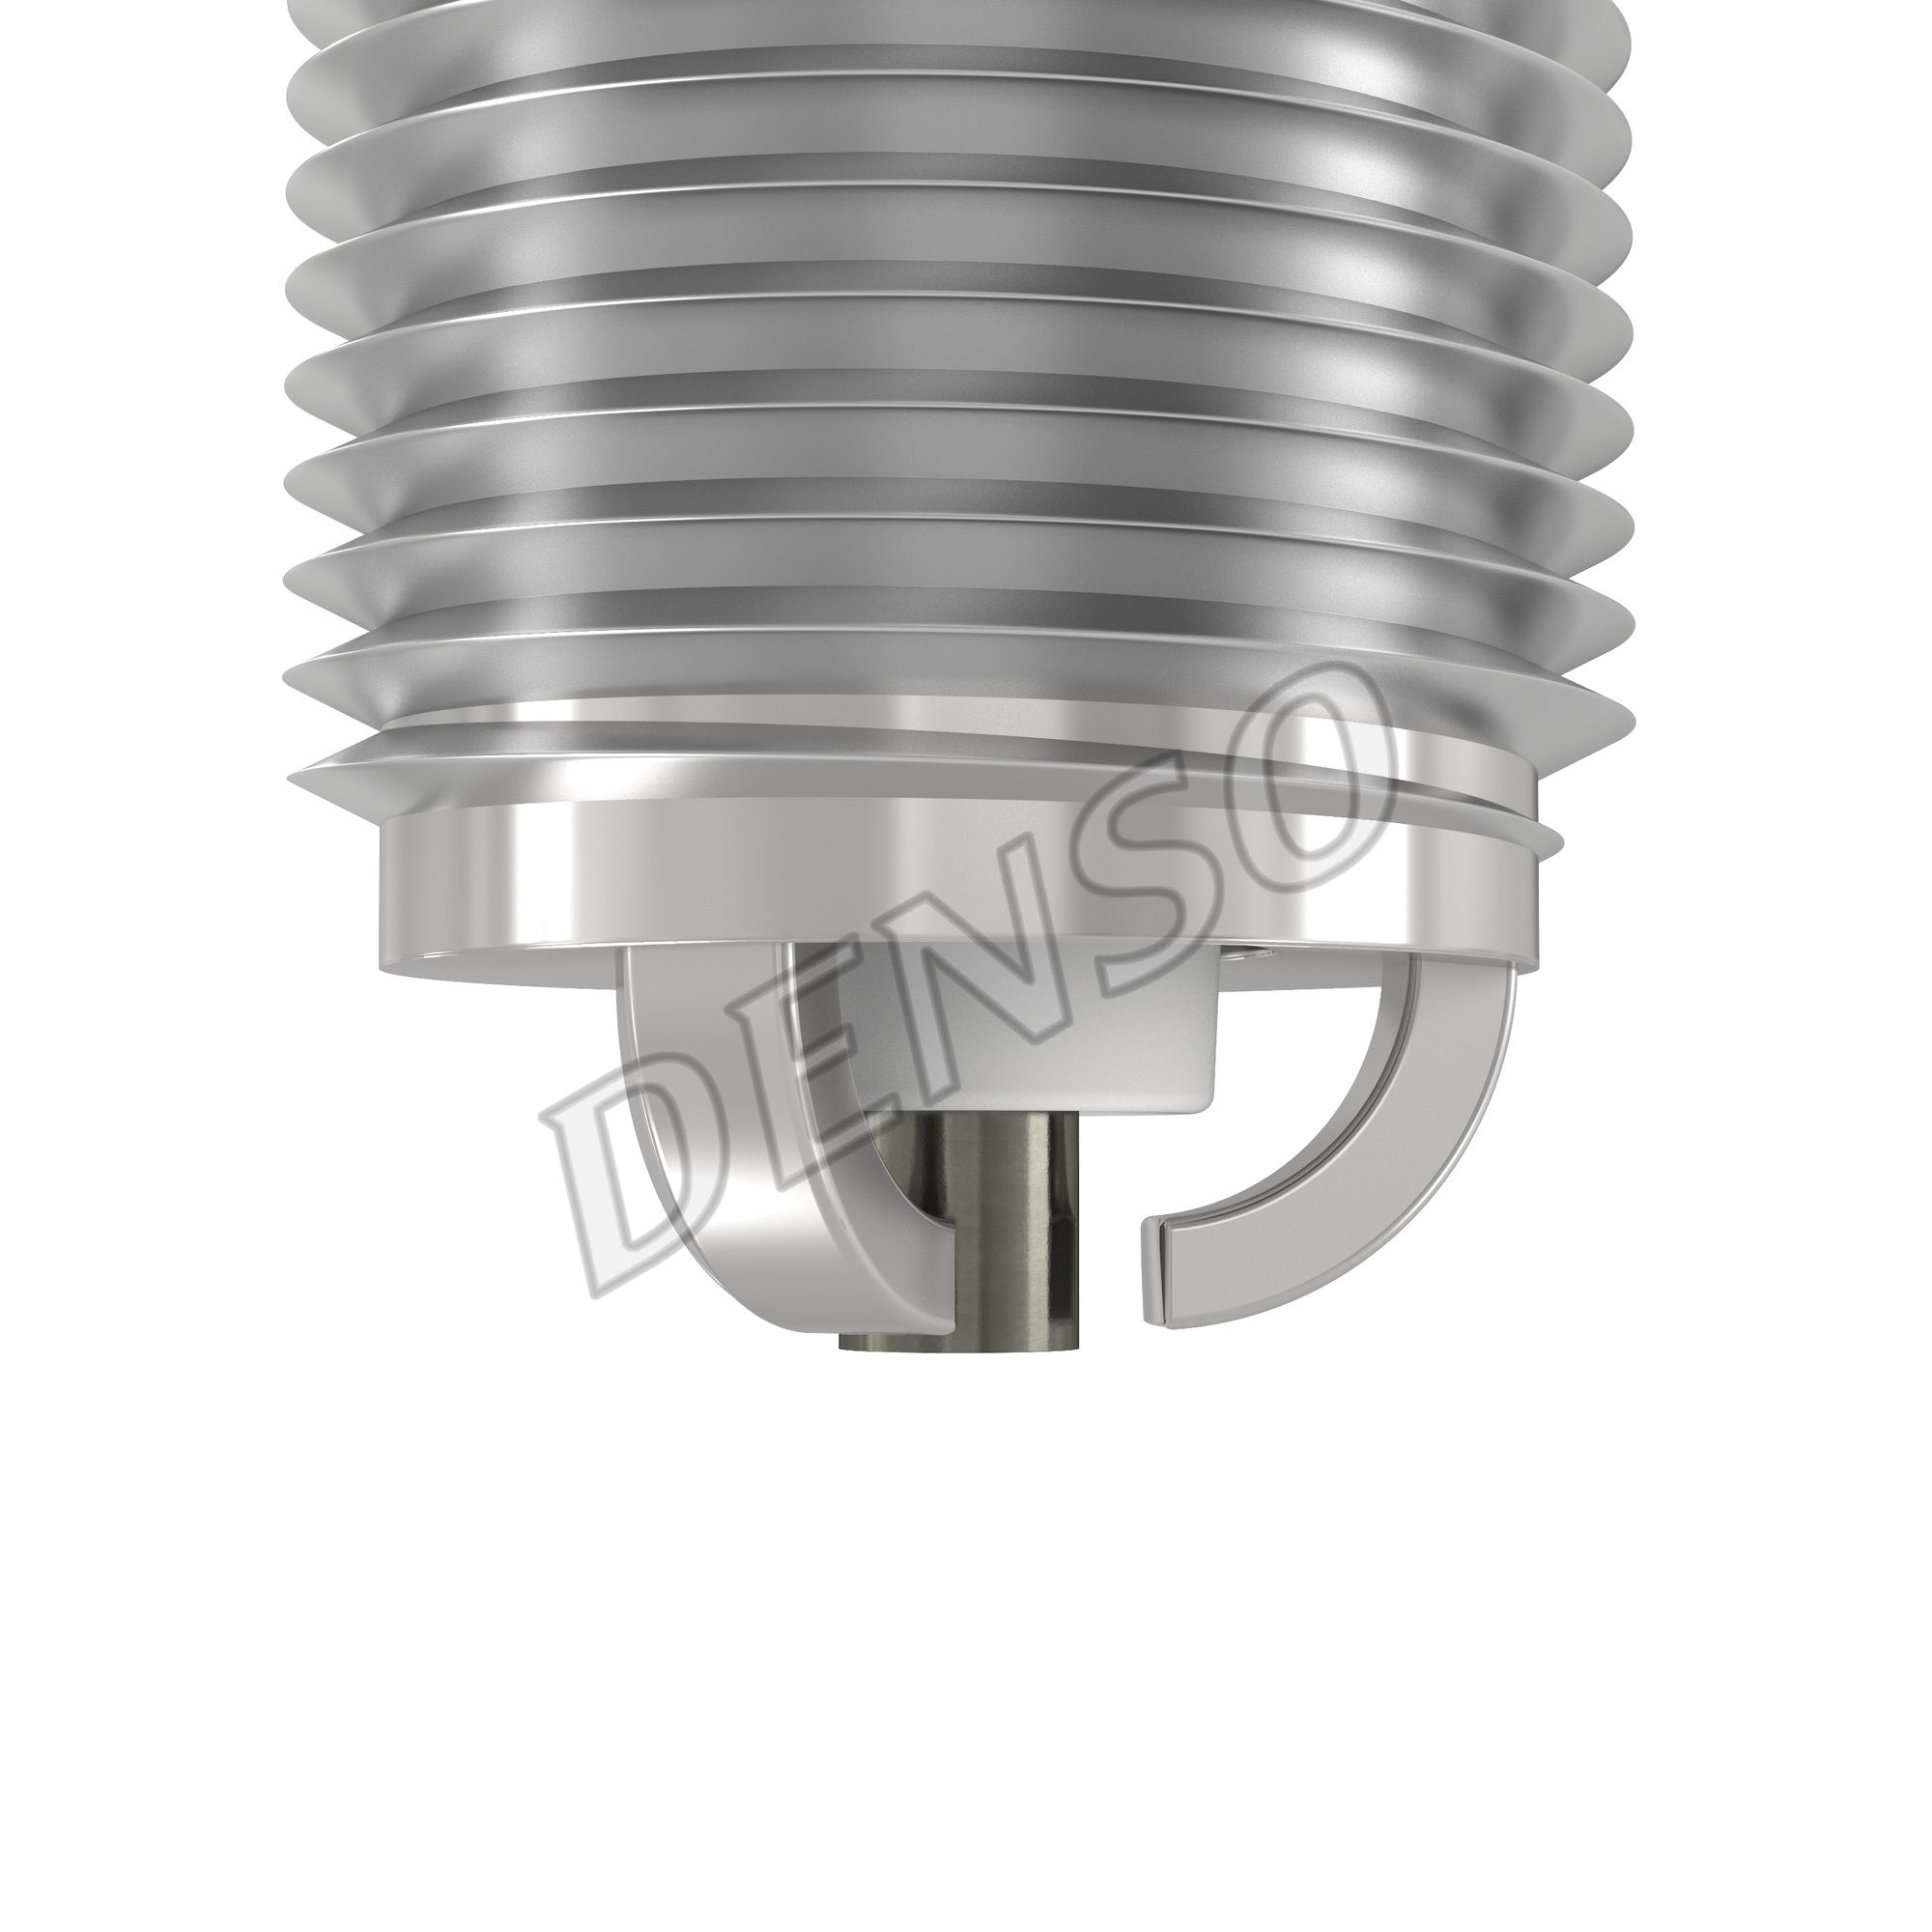 Uždegimo žvakė K20PBR-S10 su puikiu DENSO kainos/kokybės santykiu